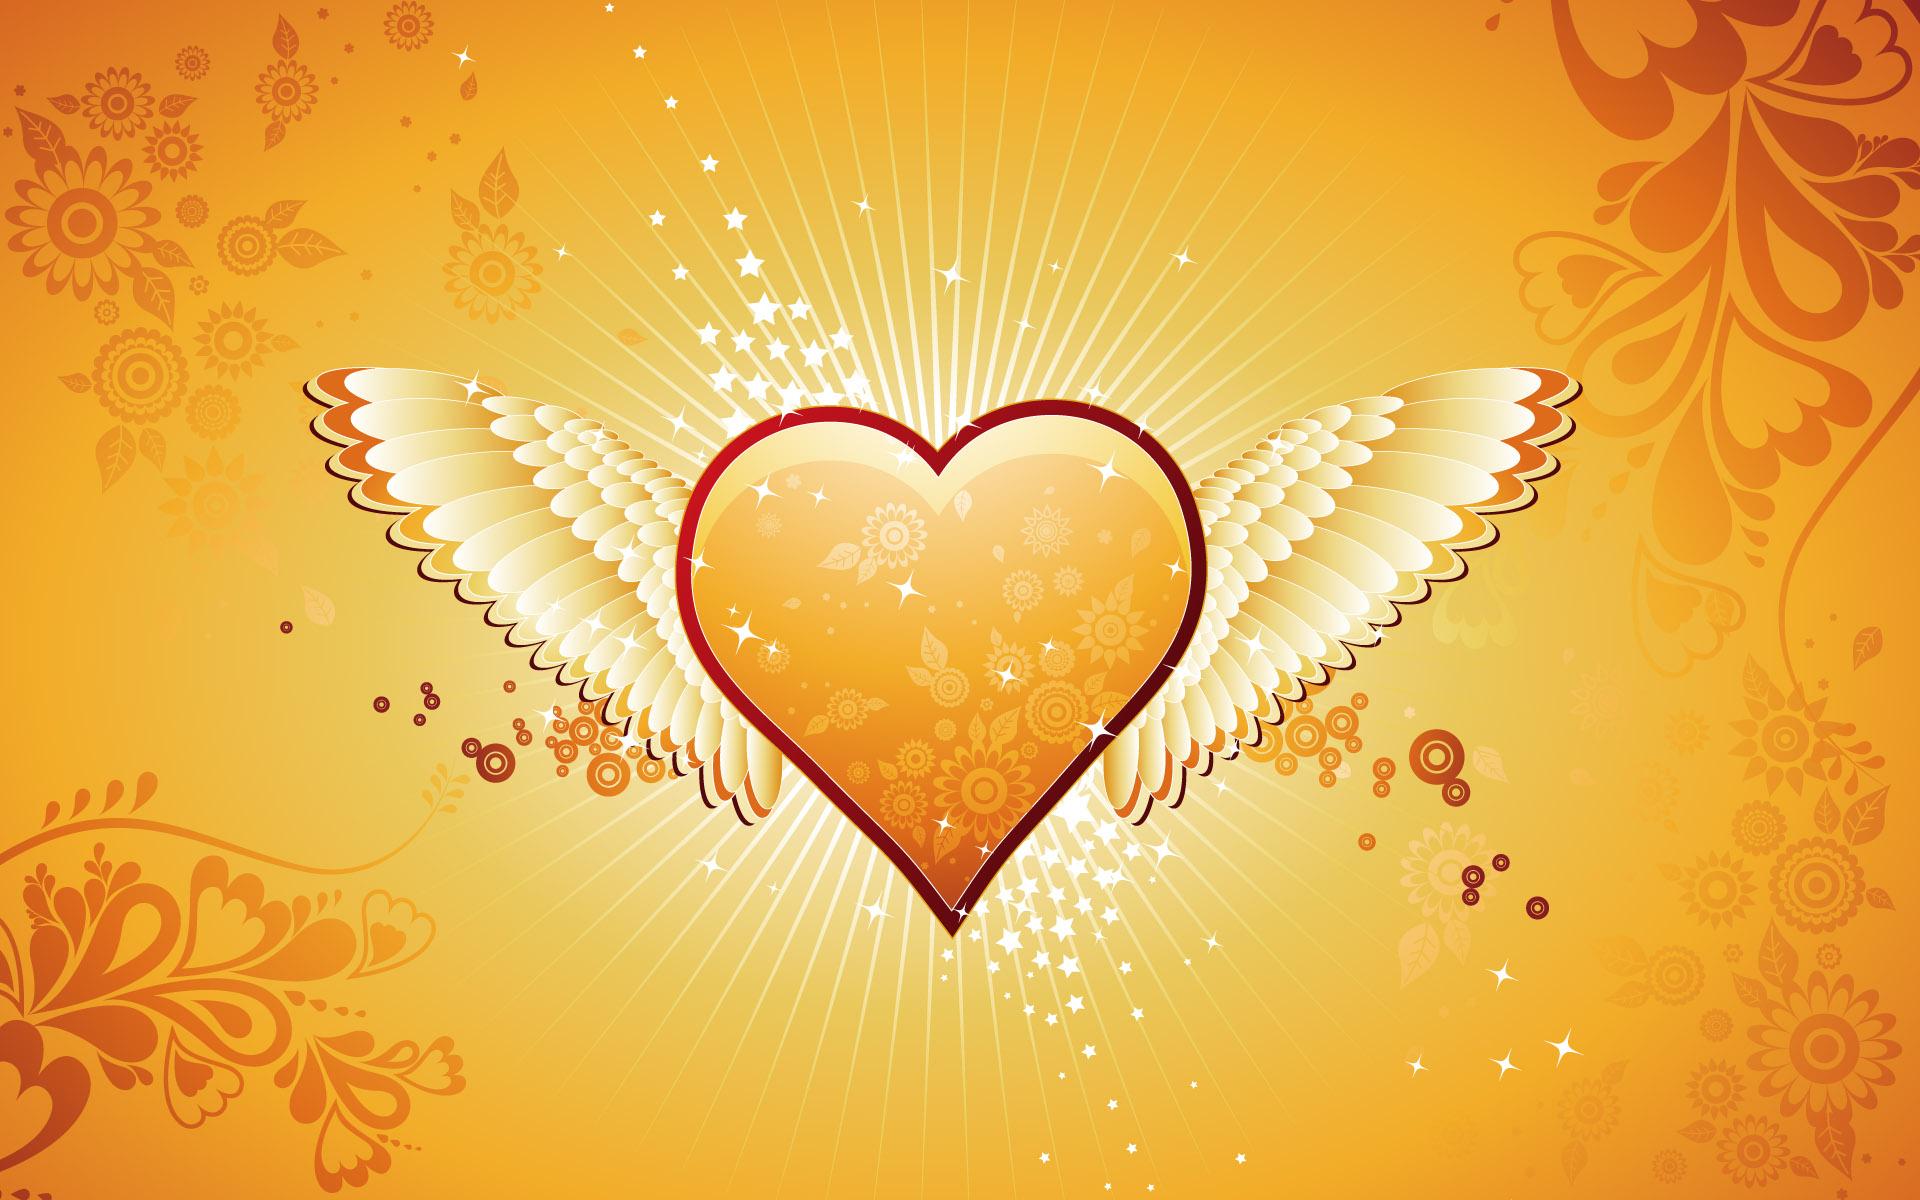 صور قلوب جميلة (3)